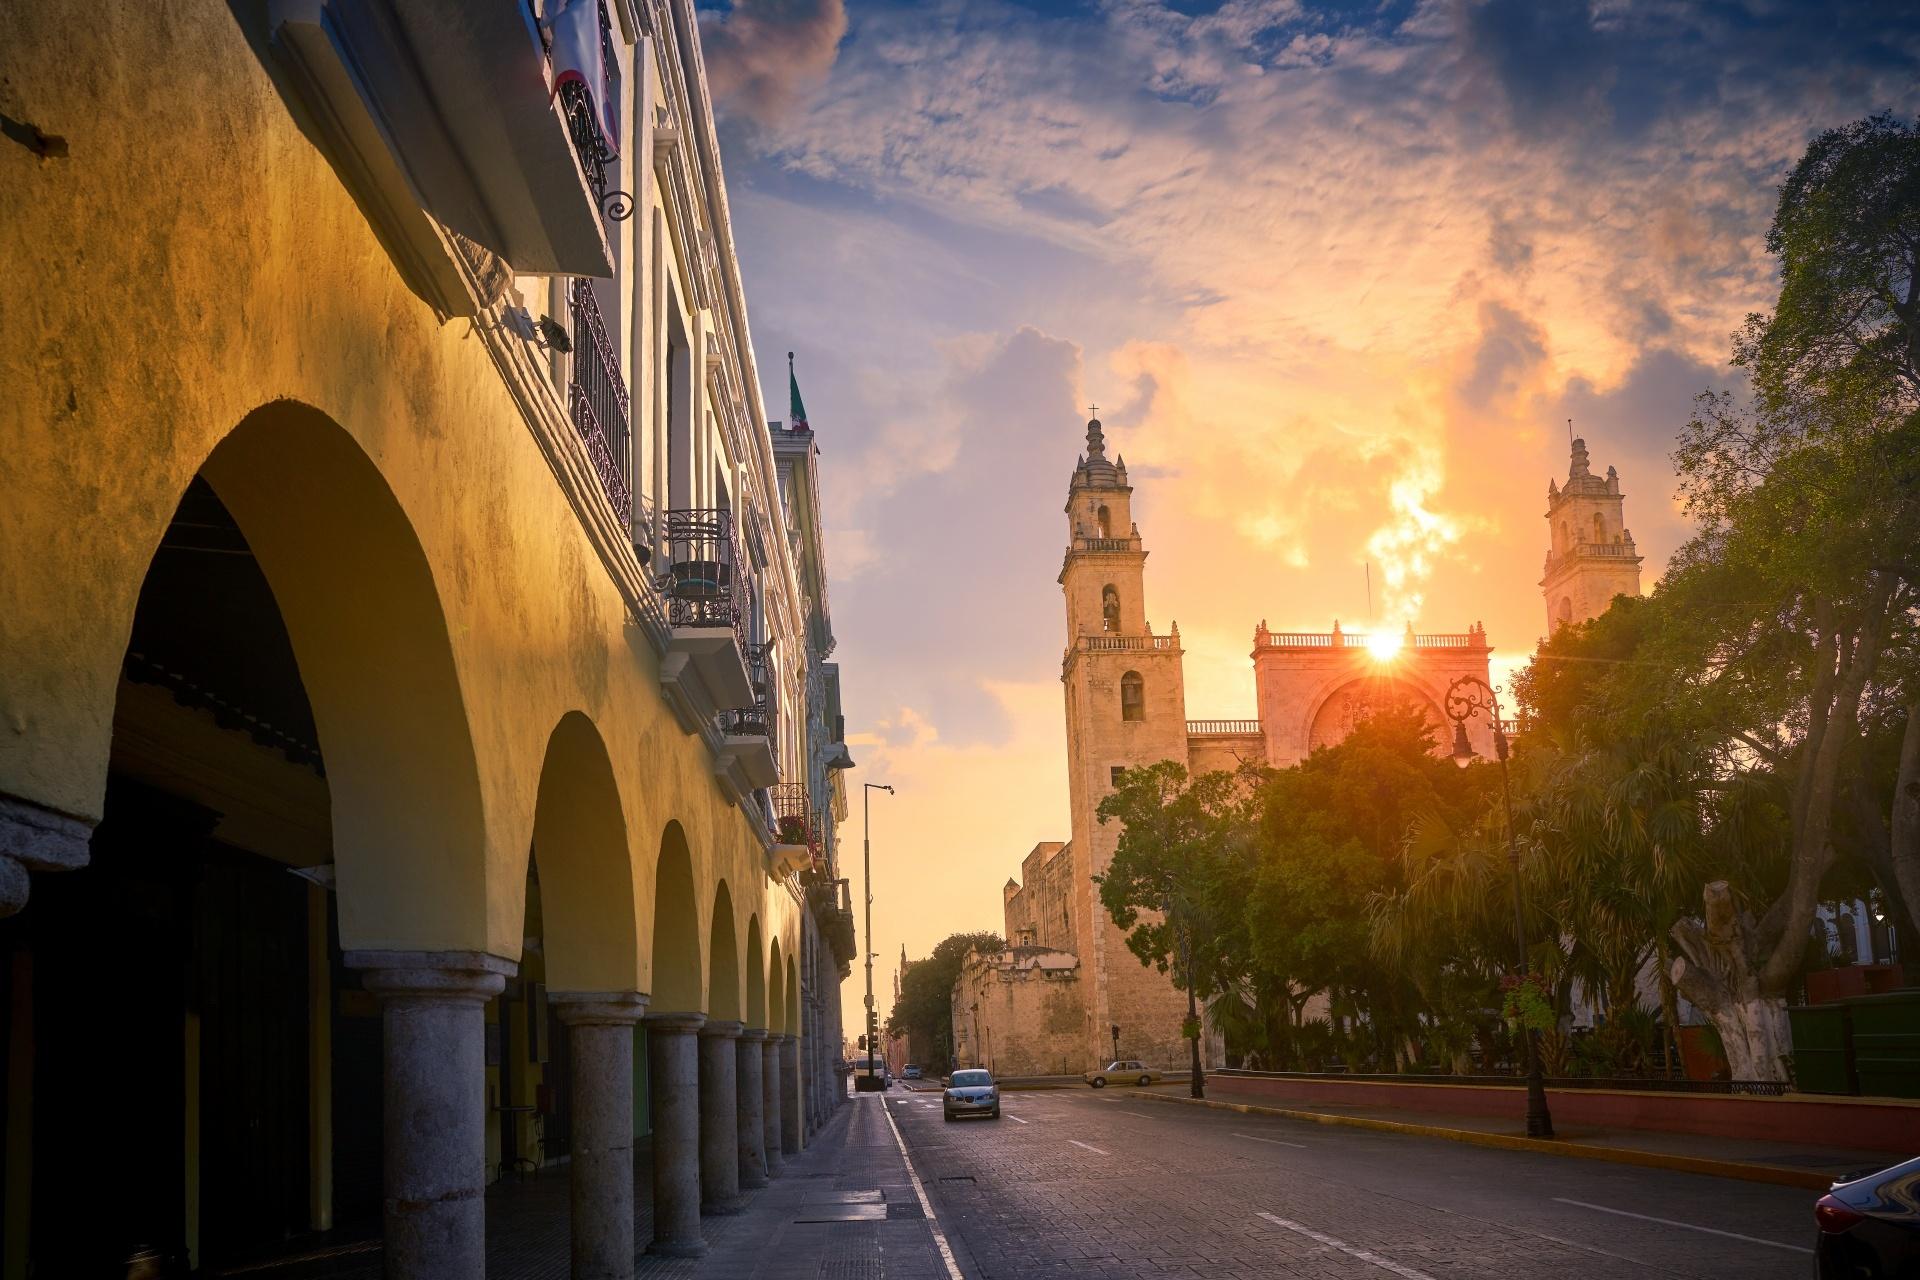 朝のメリダ サン イルデフォンソ大聖堂 メキシコの風景